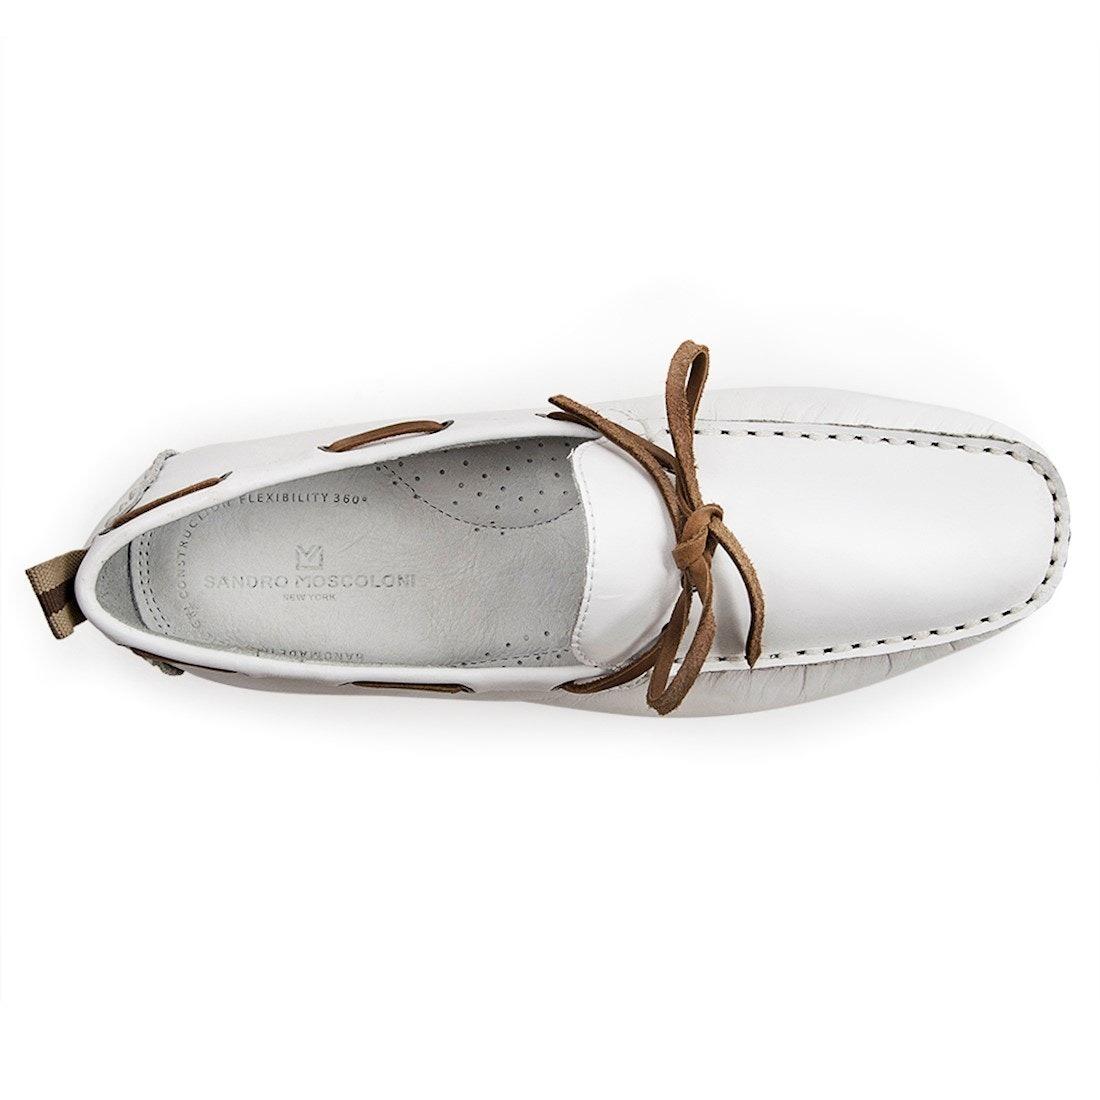 6873a6c8e685e Sapato Masculino Driver Sandro Moscoloni Break Branco - R$ 303,26 em  Mercado Livre